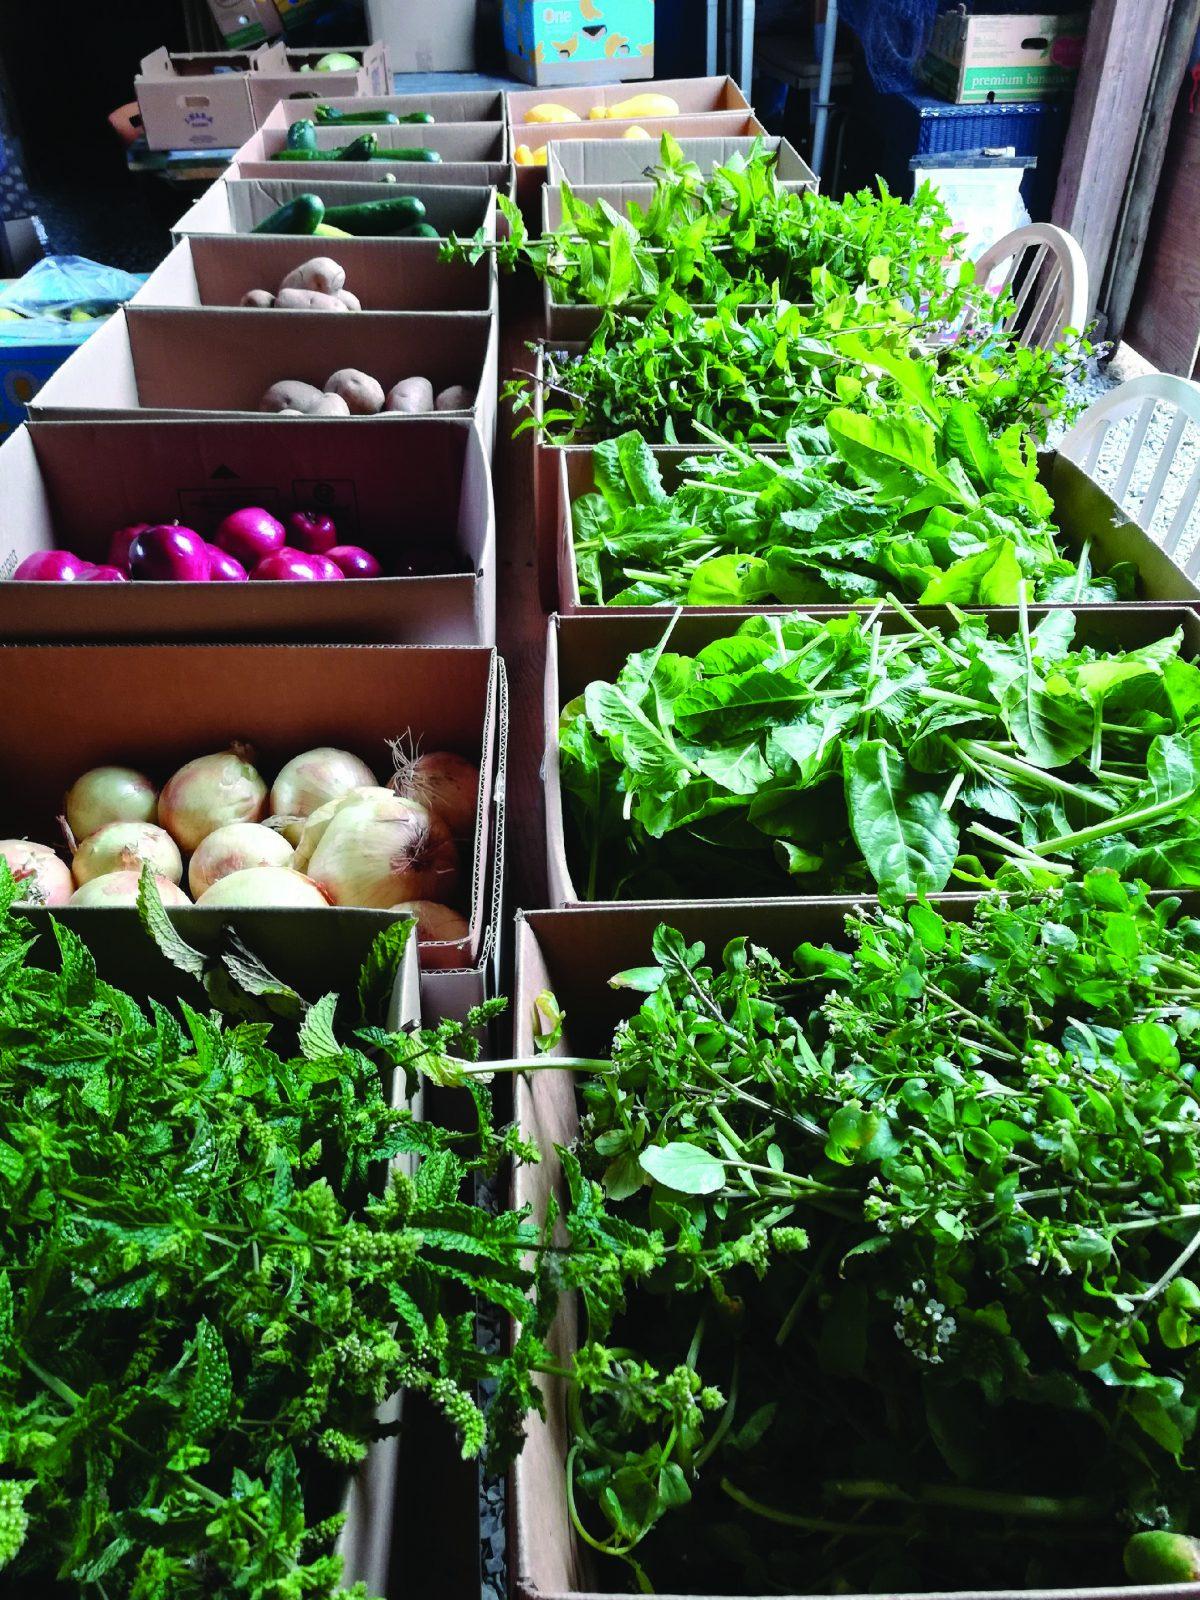 Farmer Frog healthy food